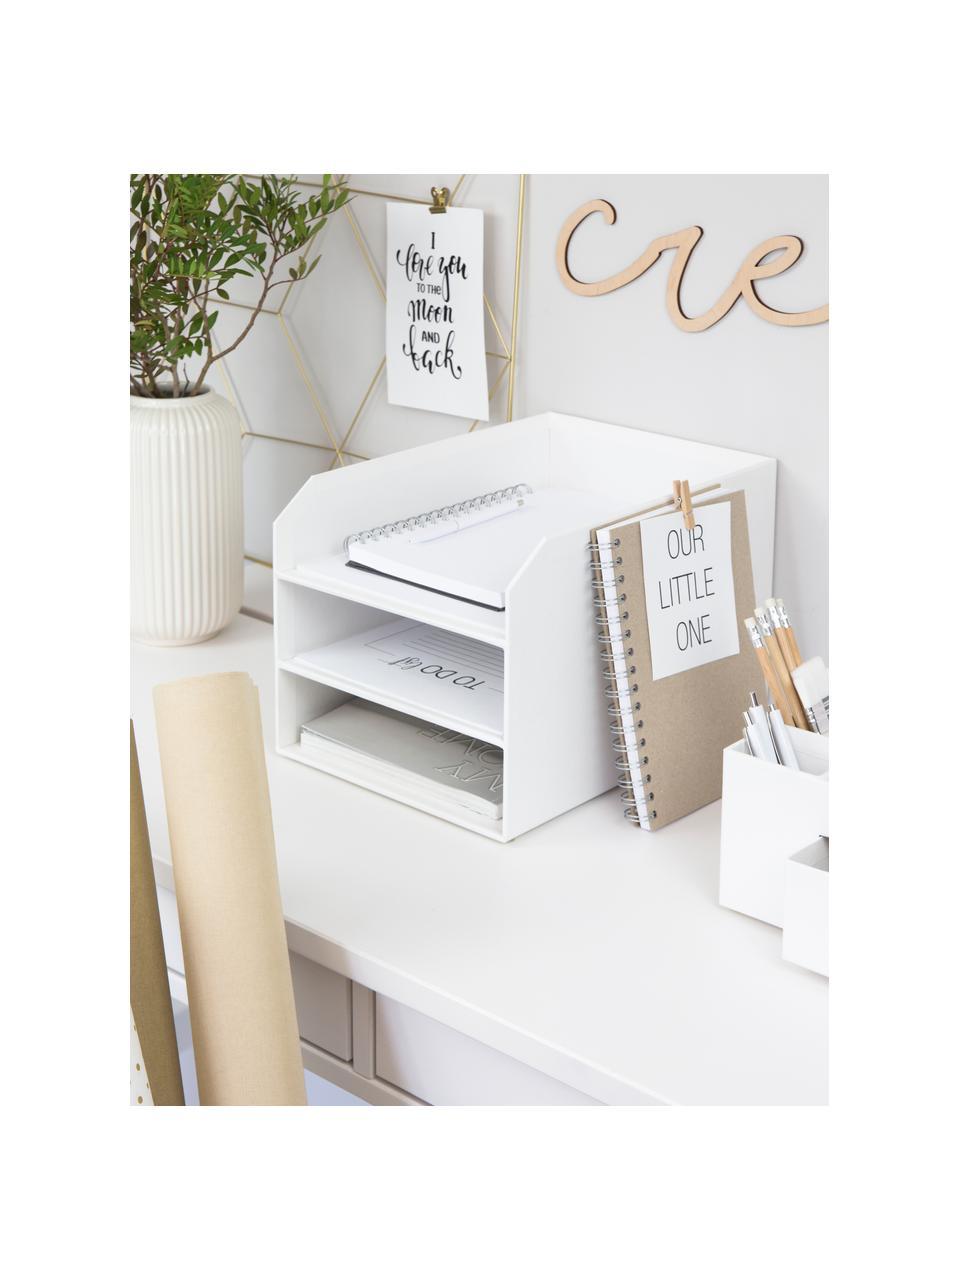 Dokumenten-Ablage Trey, Fester, laminierter Karton, Weiß, 23 x 21 cm